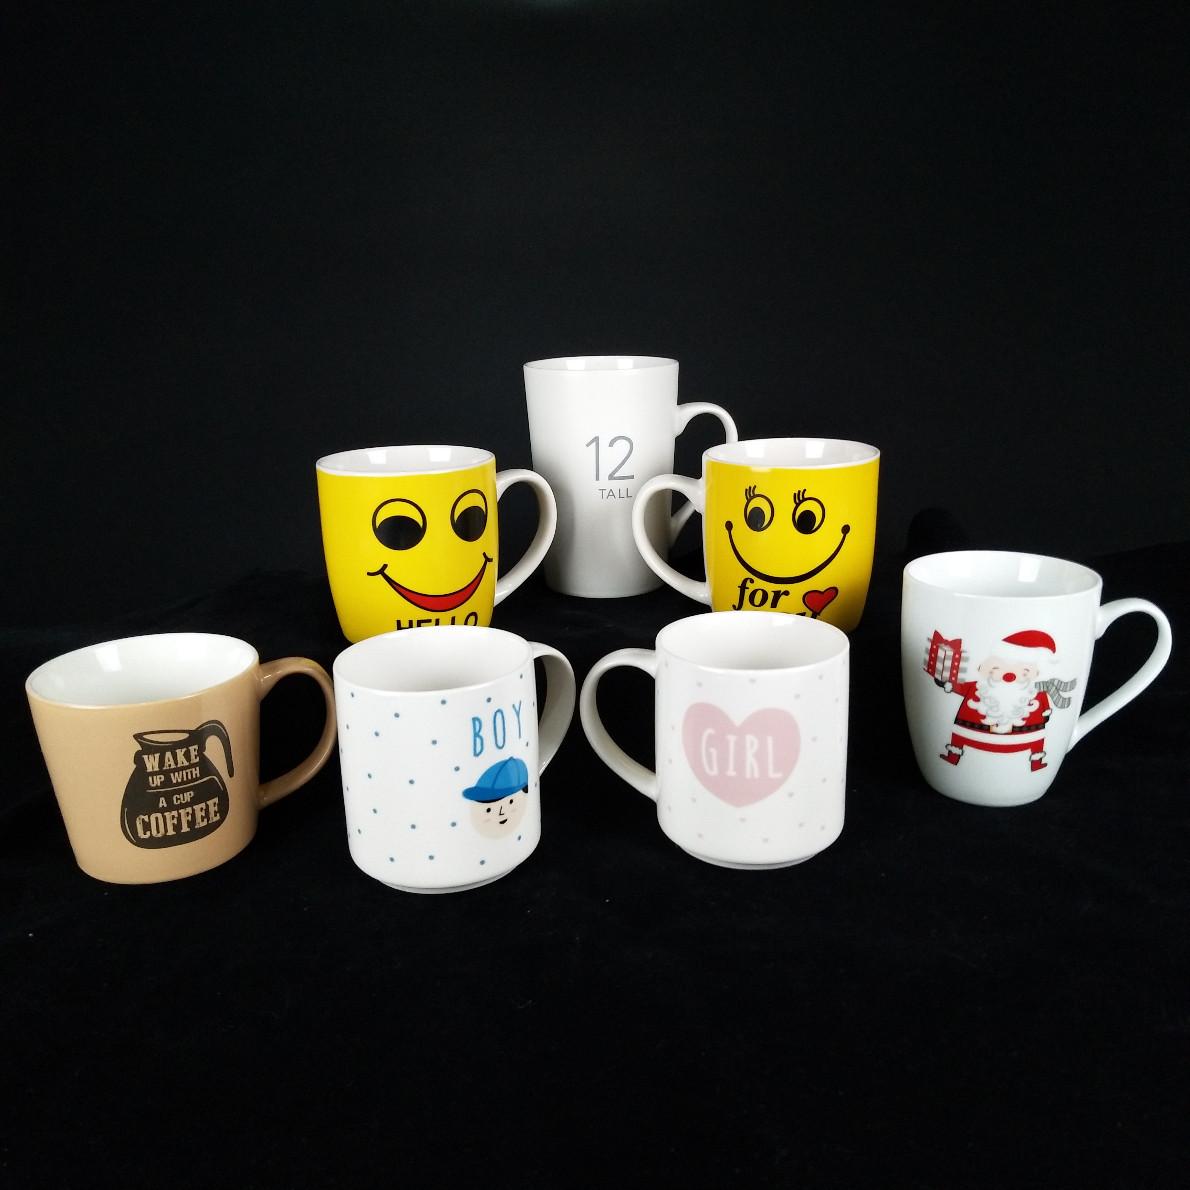 黑釉白釉陶瓷马克杯 定制创意logo杯 礼品赠送 广告促销陶瓷杯